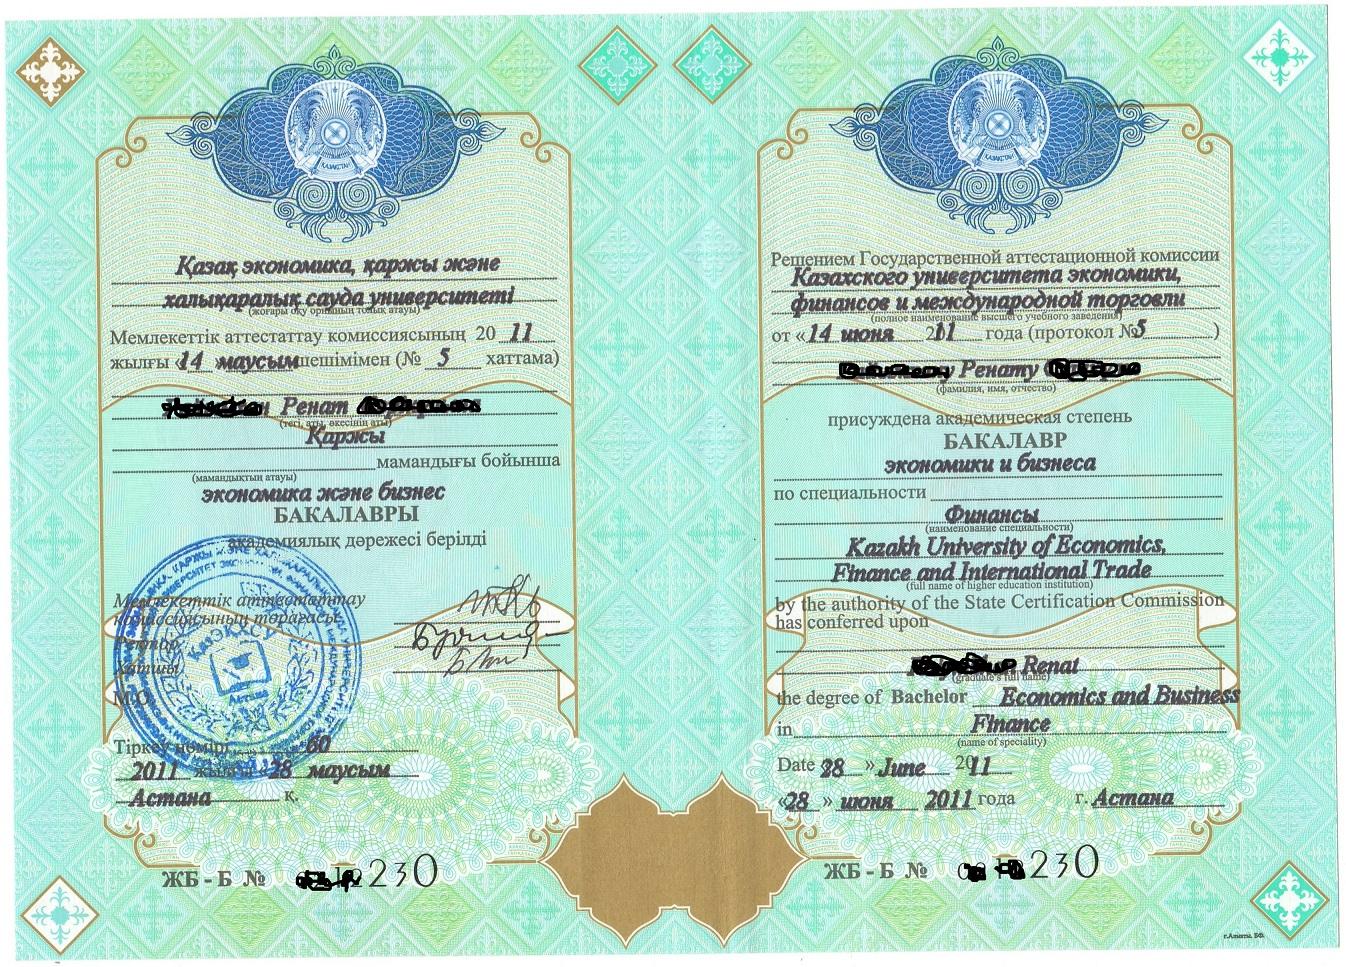 Виза в Великобританию часть Страница Иммиграция и  дипл jpg Вот такой вот диплом